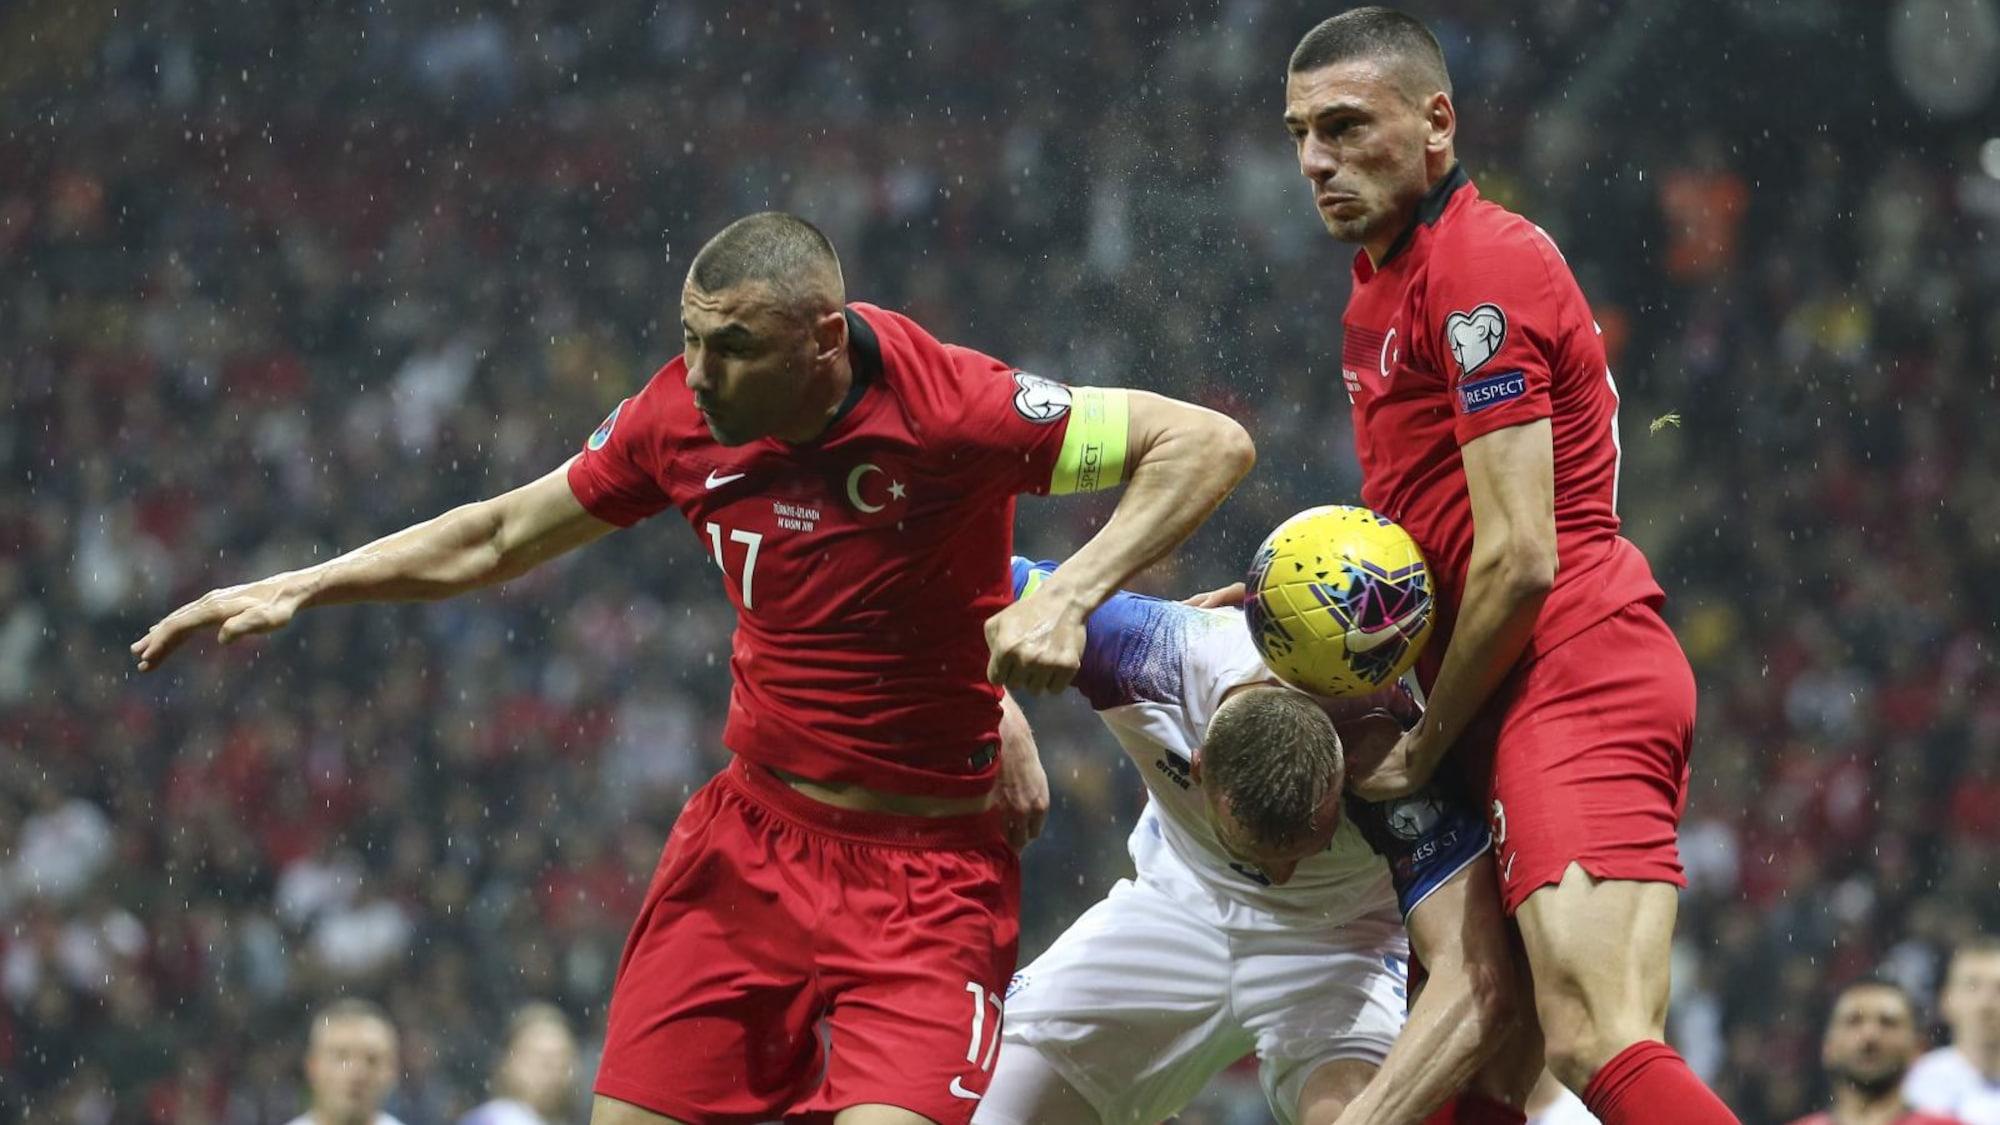 Dank Punktgewinn gegen Island: Die Türkei fährt an die EM 2020